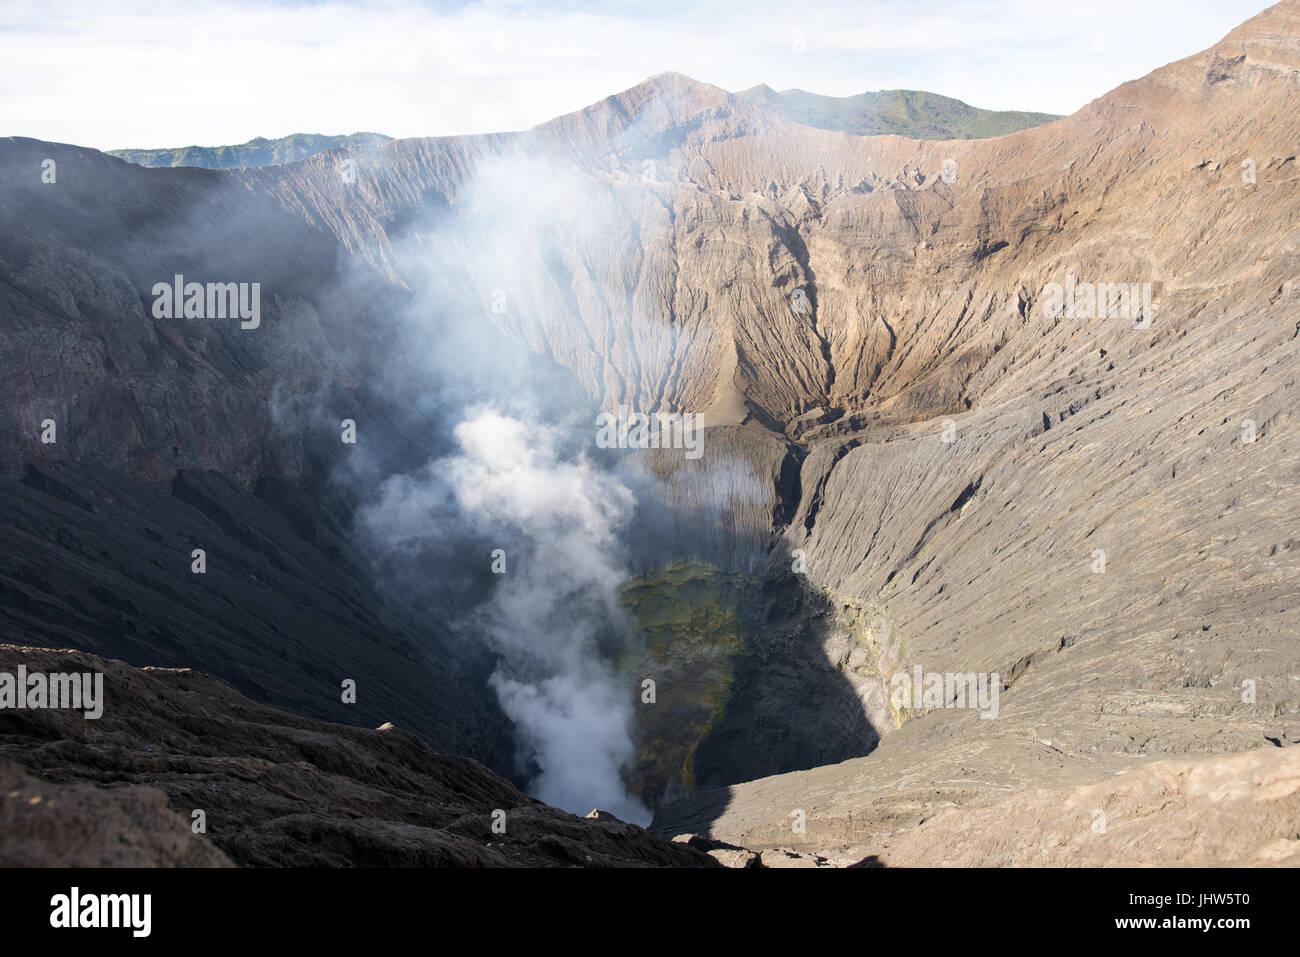 Cráter del volcán activo, el Monte Bromo con emisiones de azufre continua, Java Oriental, Indonesia. Imagen De Stock